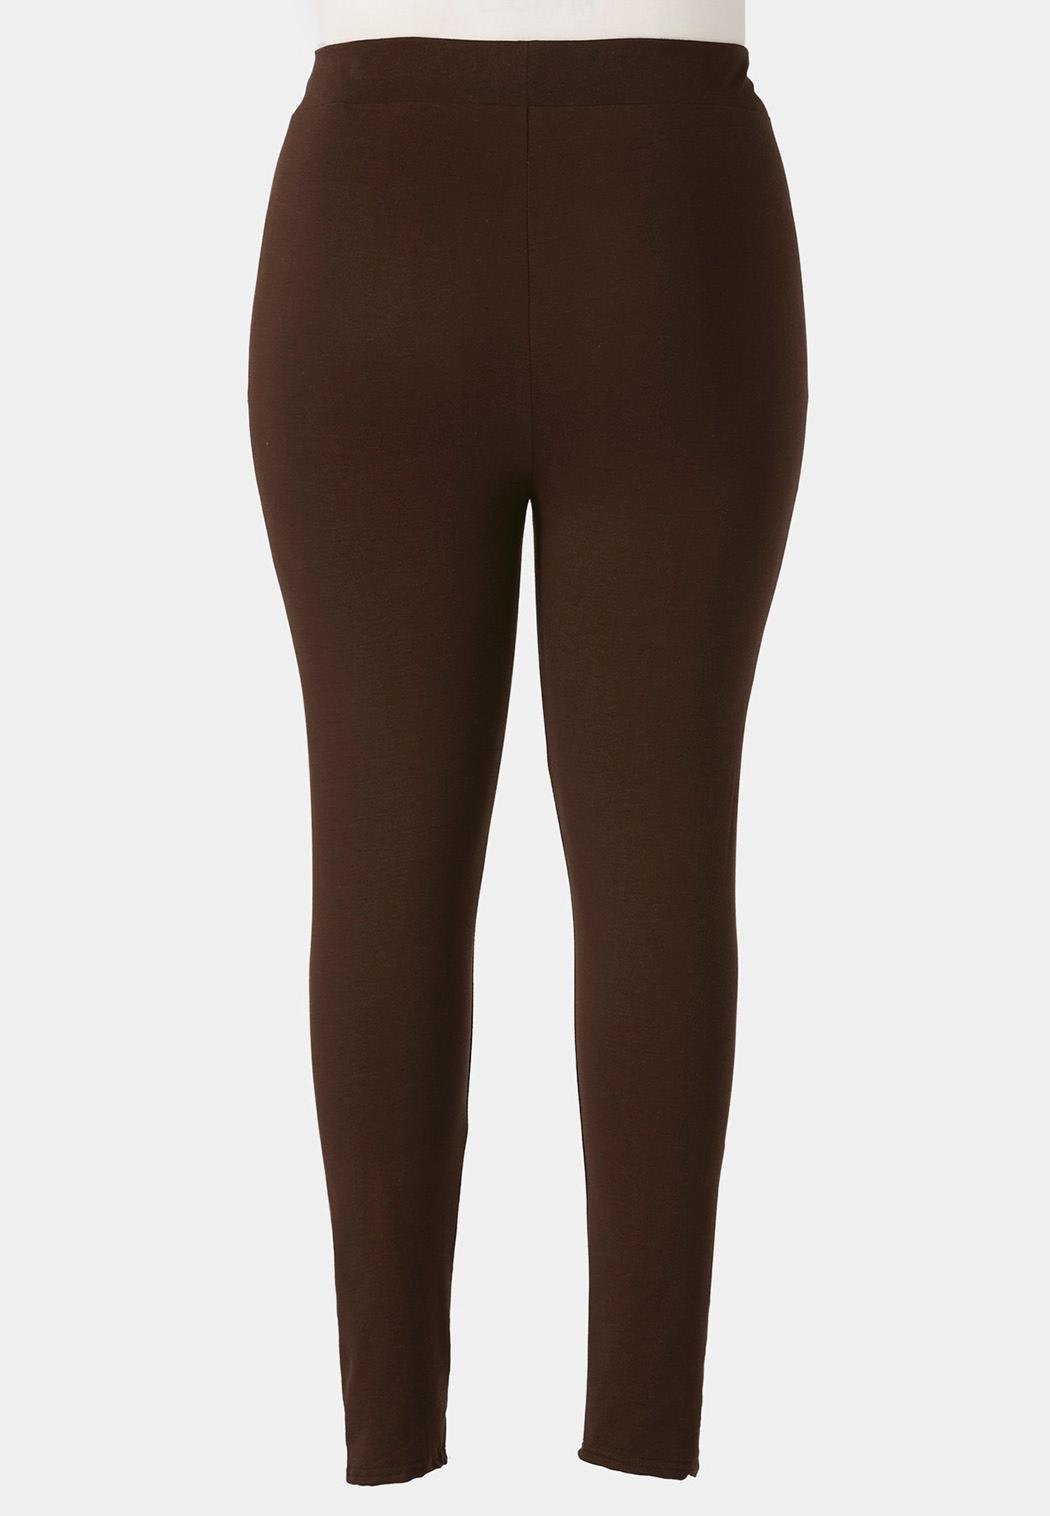 Plus Size Essential Leggings (Item #37609690)